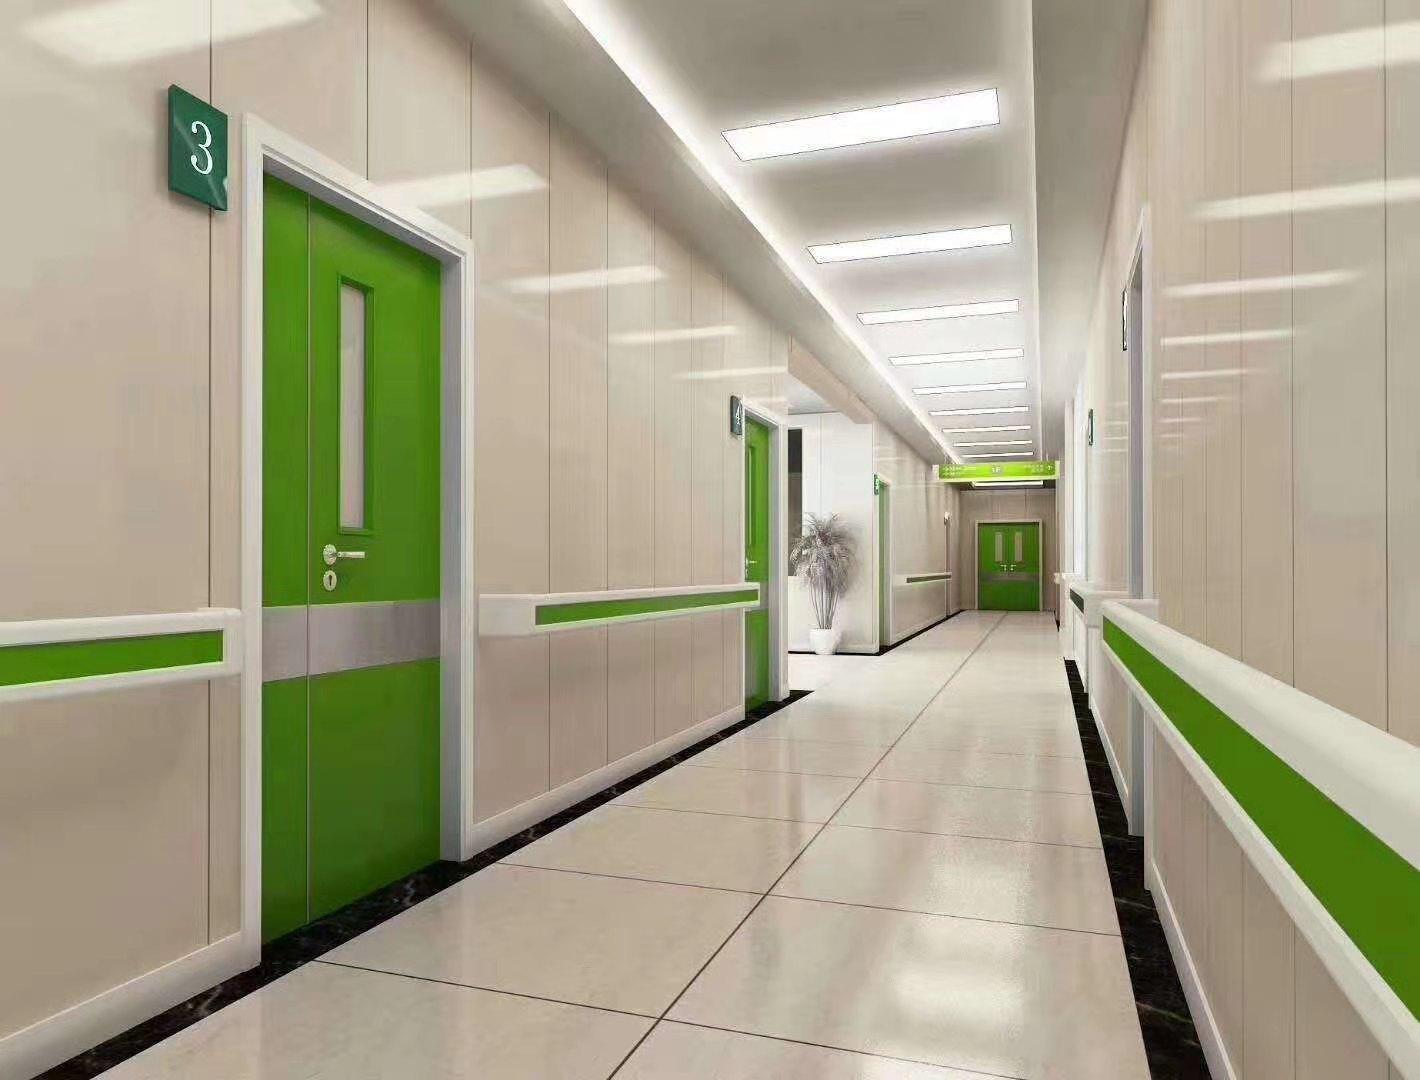 医院病房门款式设计应遵循的几大要素